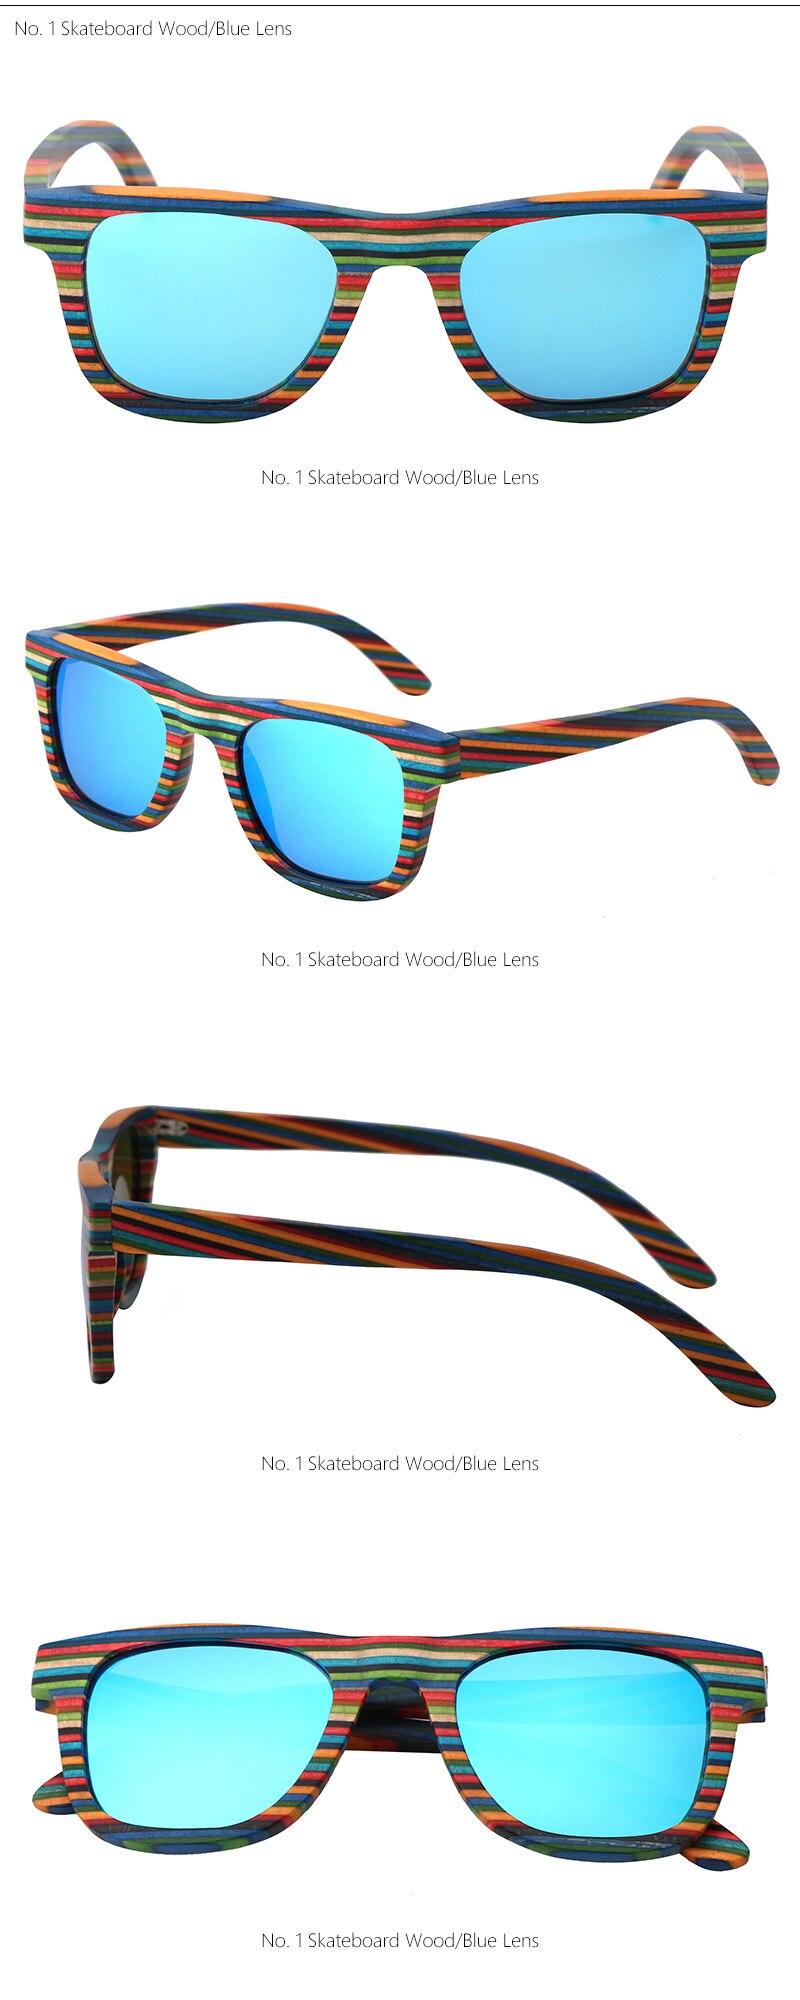 Glasses Display - 1